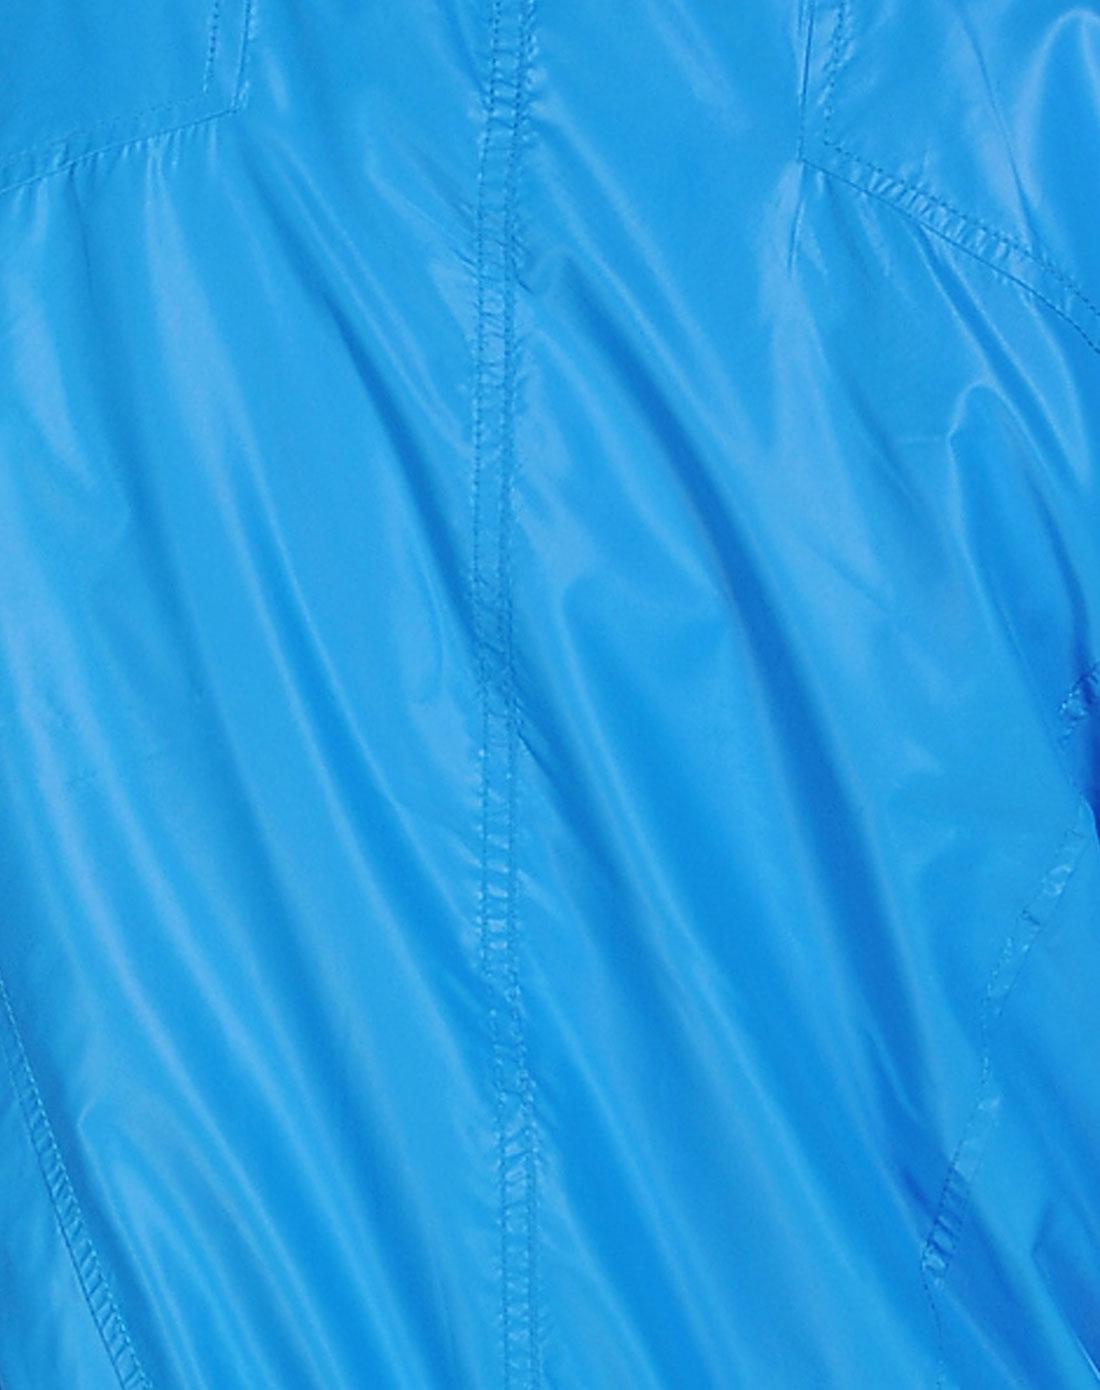 深蓝色背景图纯色壁纸